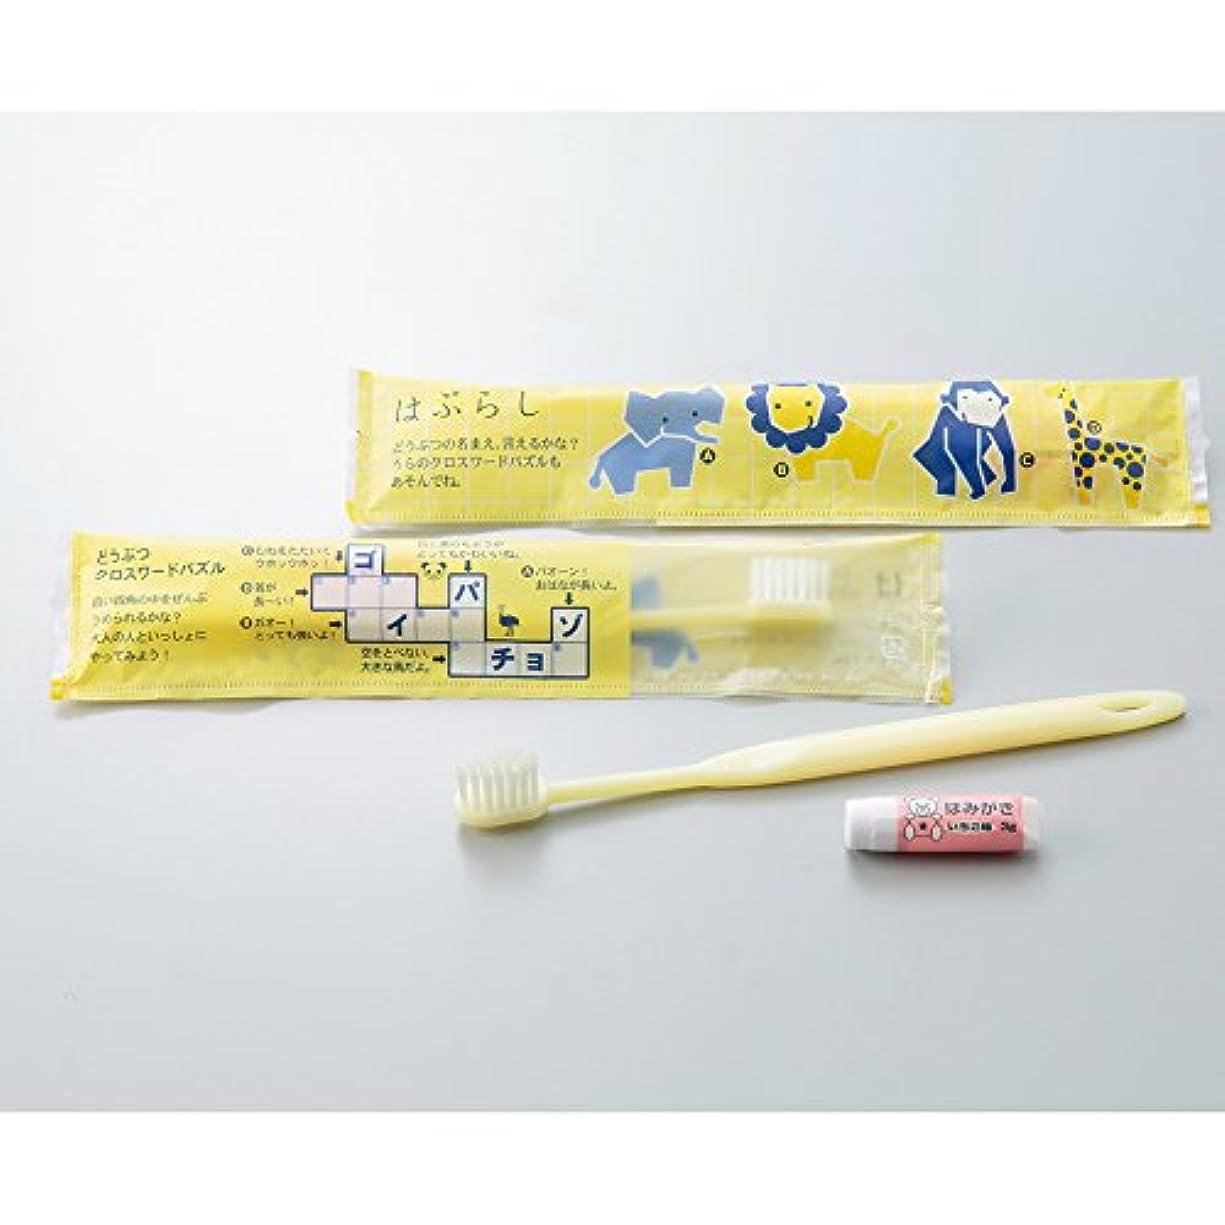 蚊最後のブラインド子供用ハブラシ 「どうぶつえん」 チューブ付(いちご味) 30本